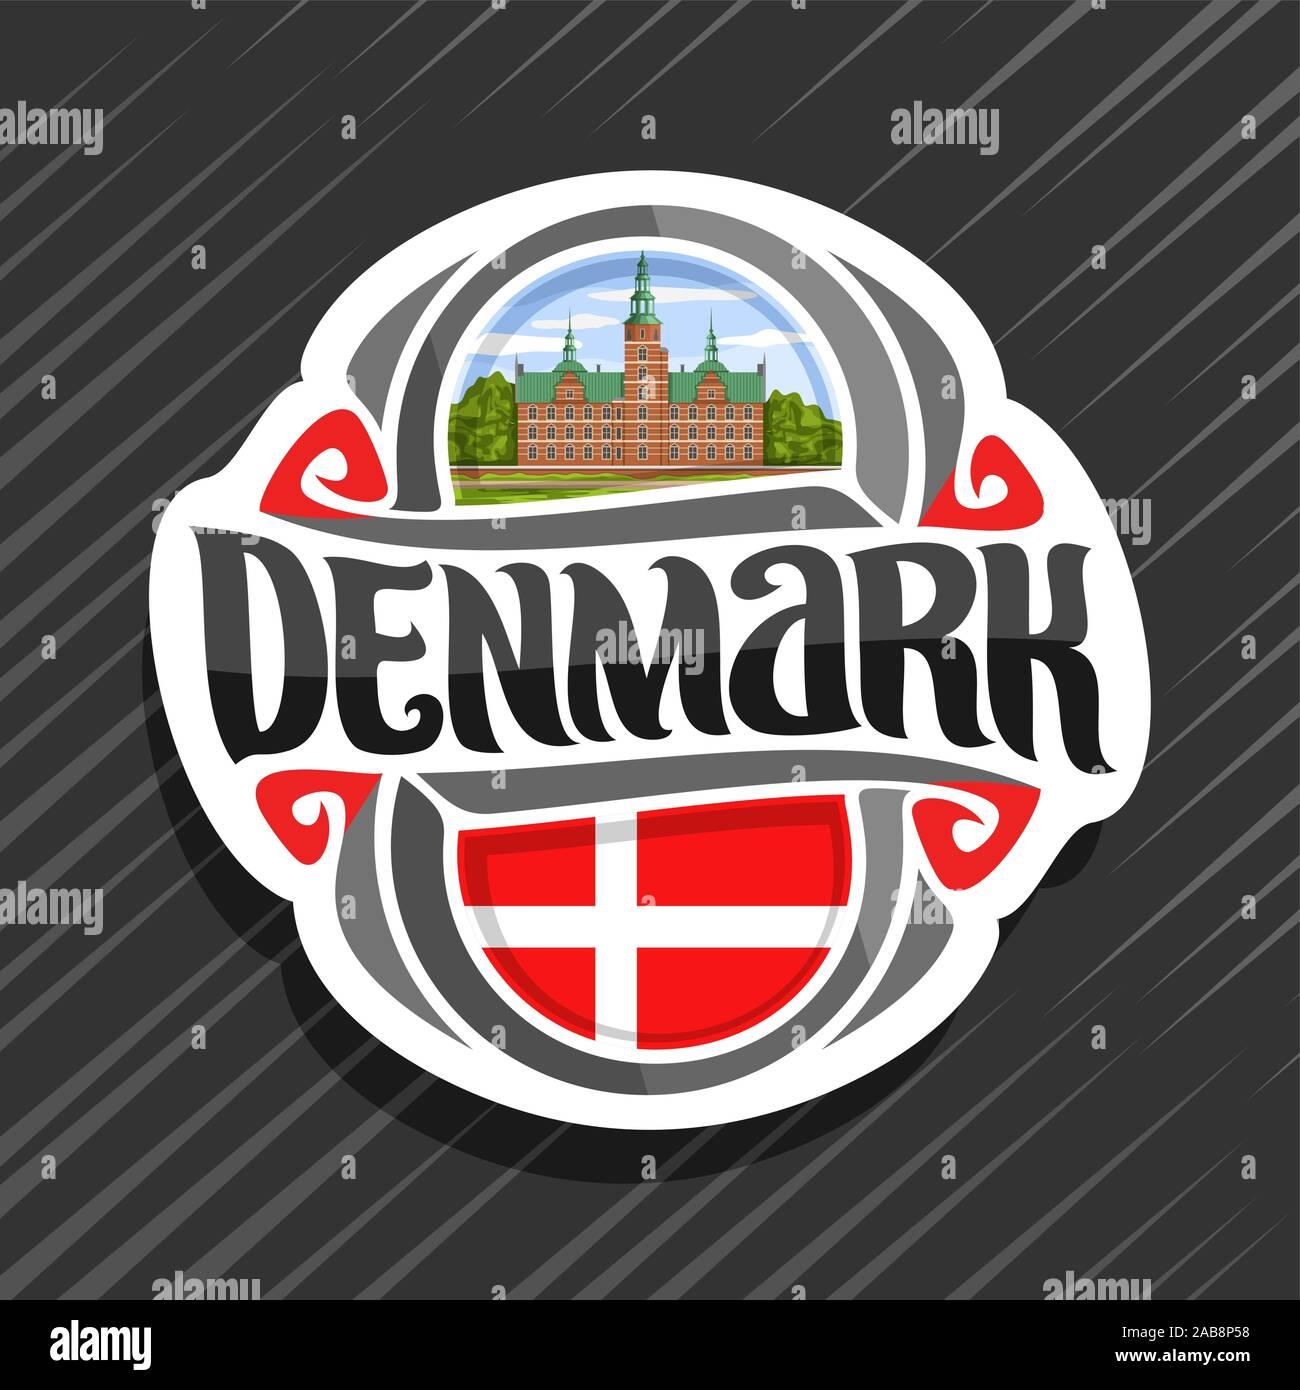 Vector logo for Denmark country, fridge magnet with danish state flag, original brush typeface for word denmark and danish national symbol - Rosenborg Stock Vector